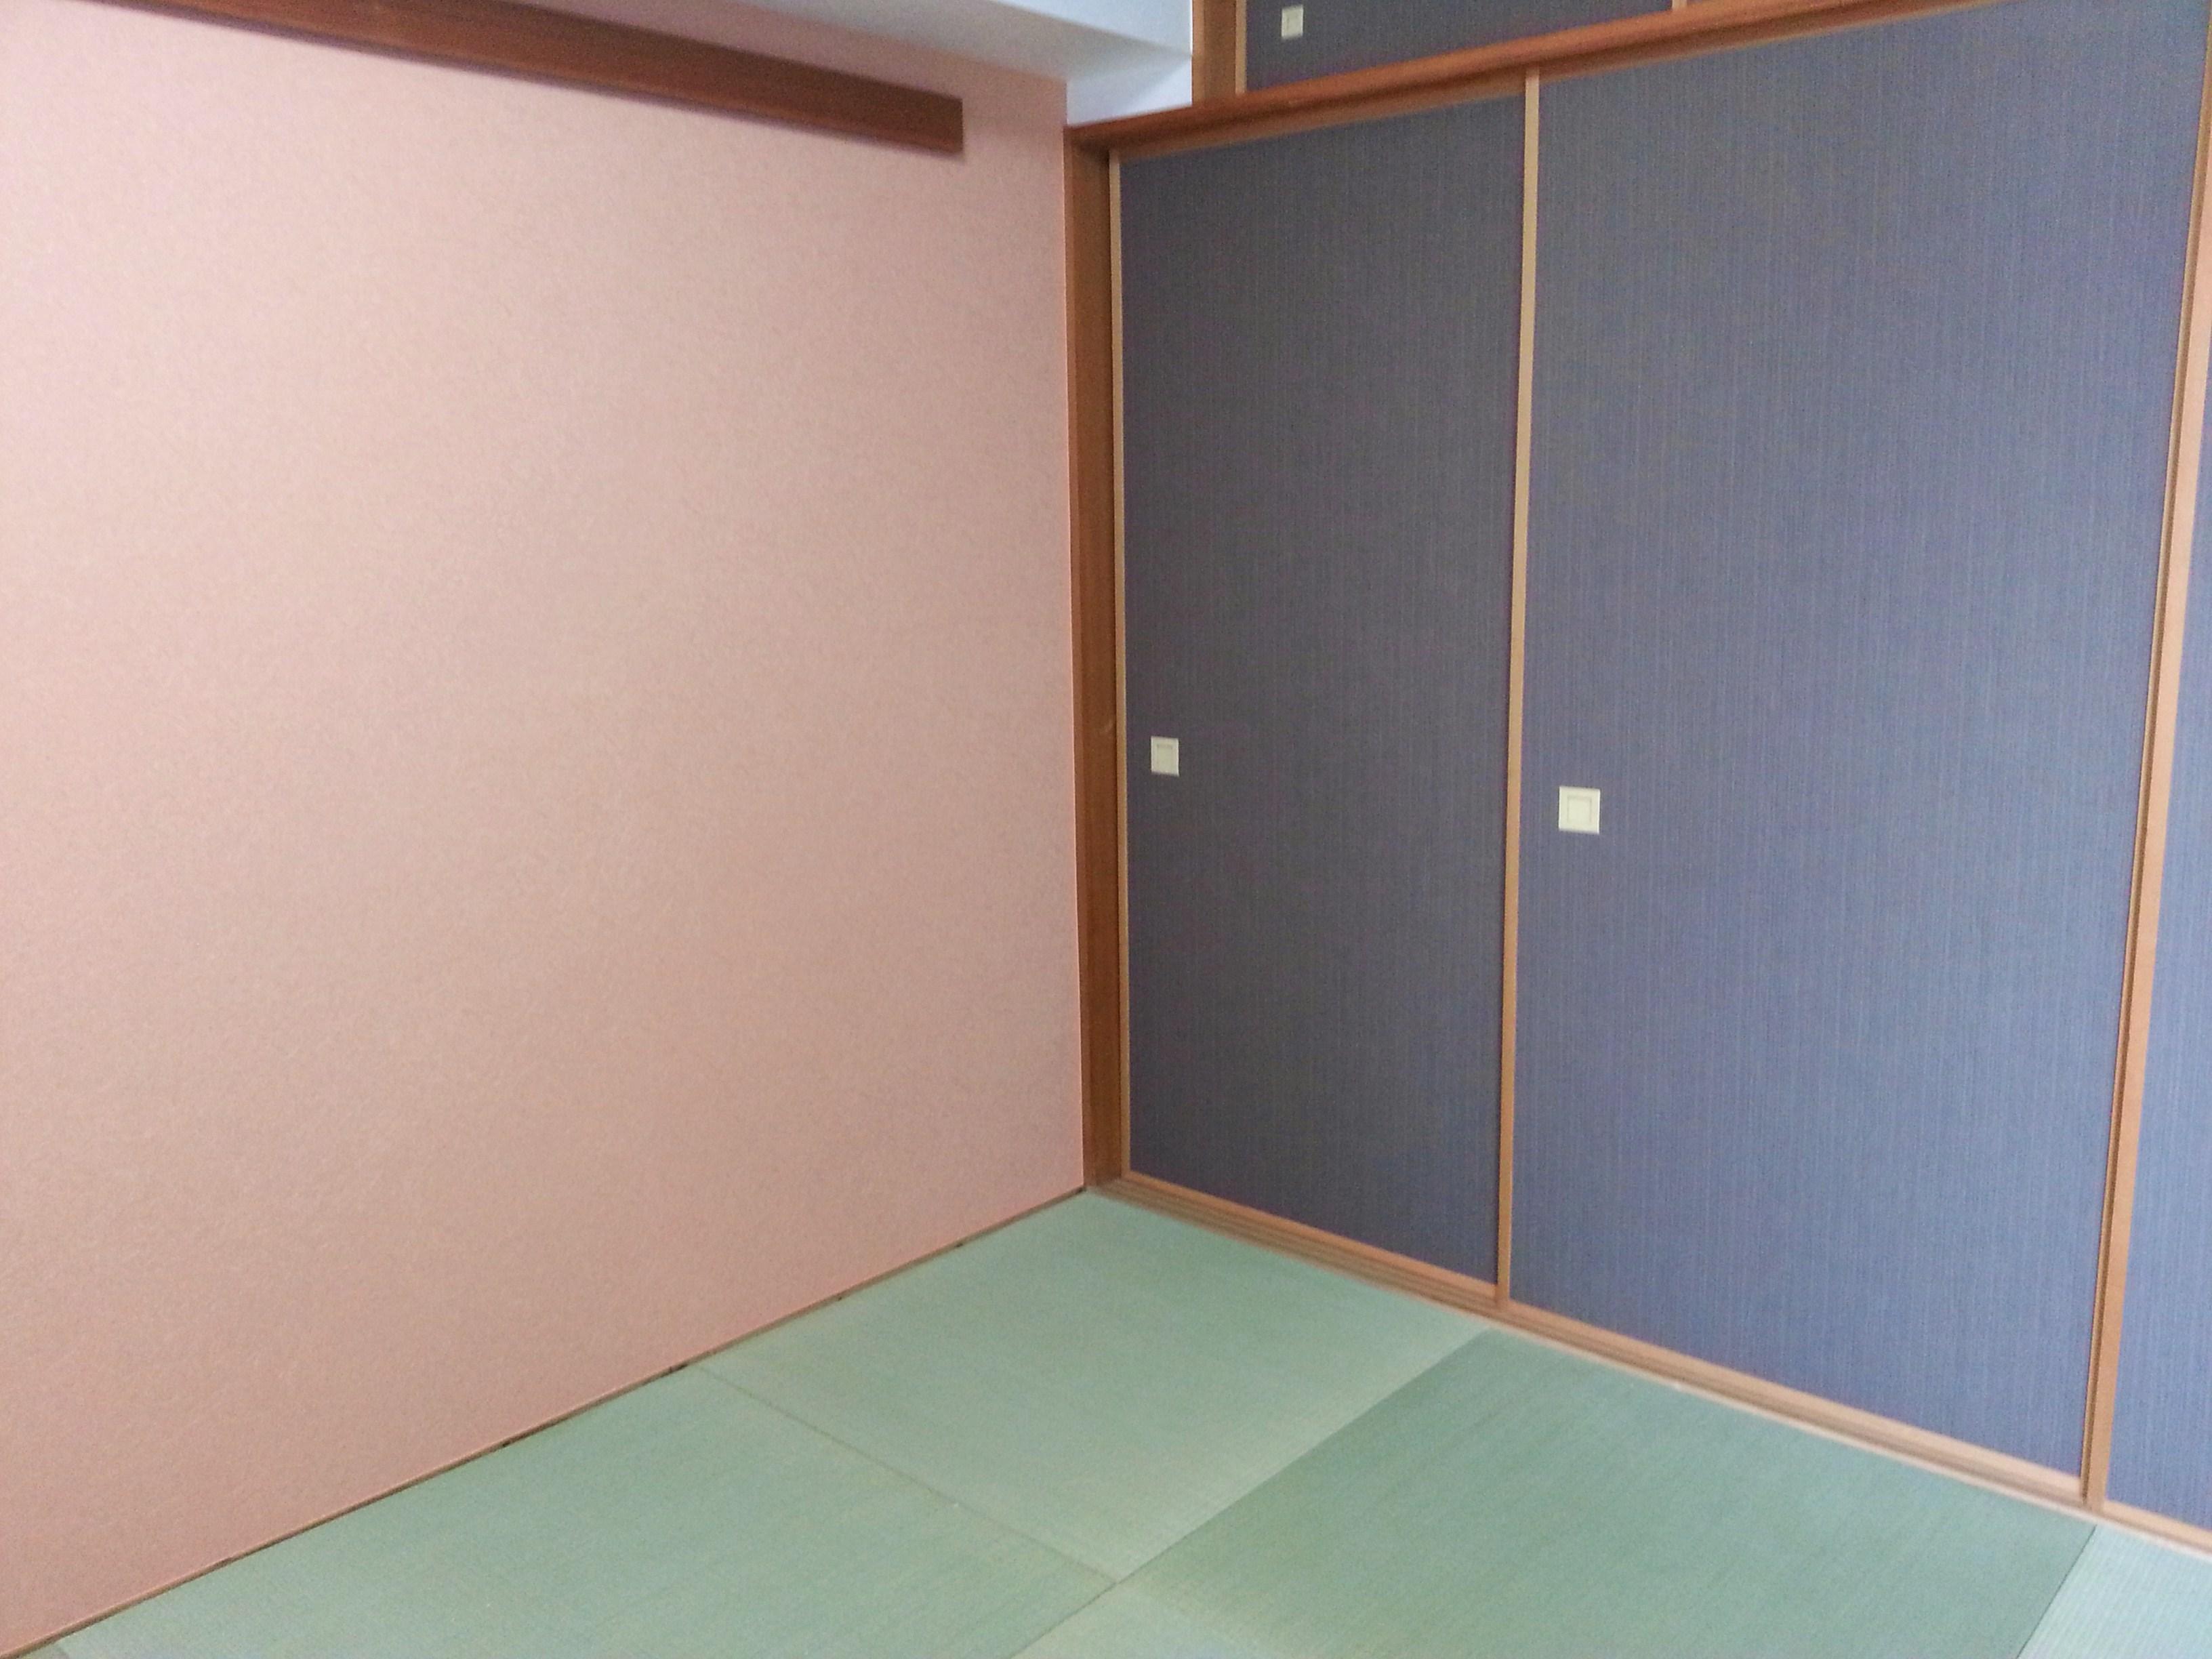 壁紙の張り替えでおしゃれなお部屋にリフォーム 平塚市 平塚市 新築